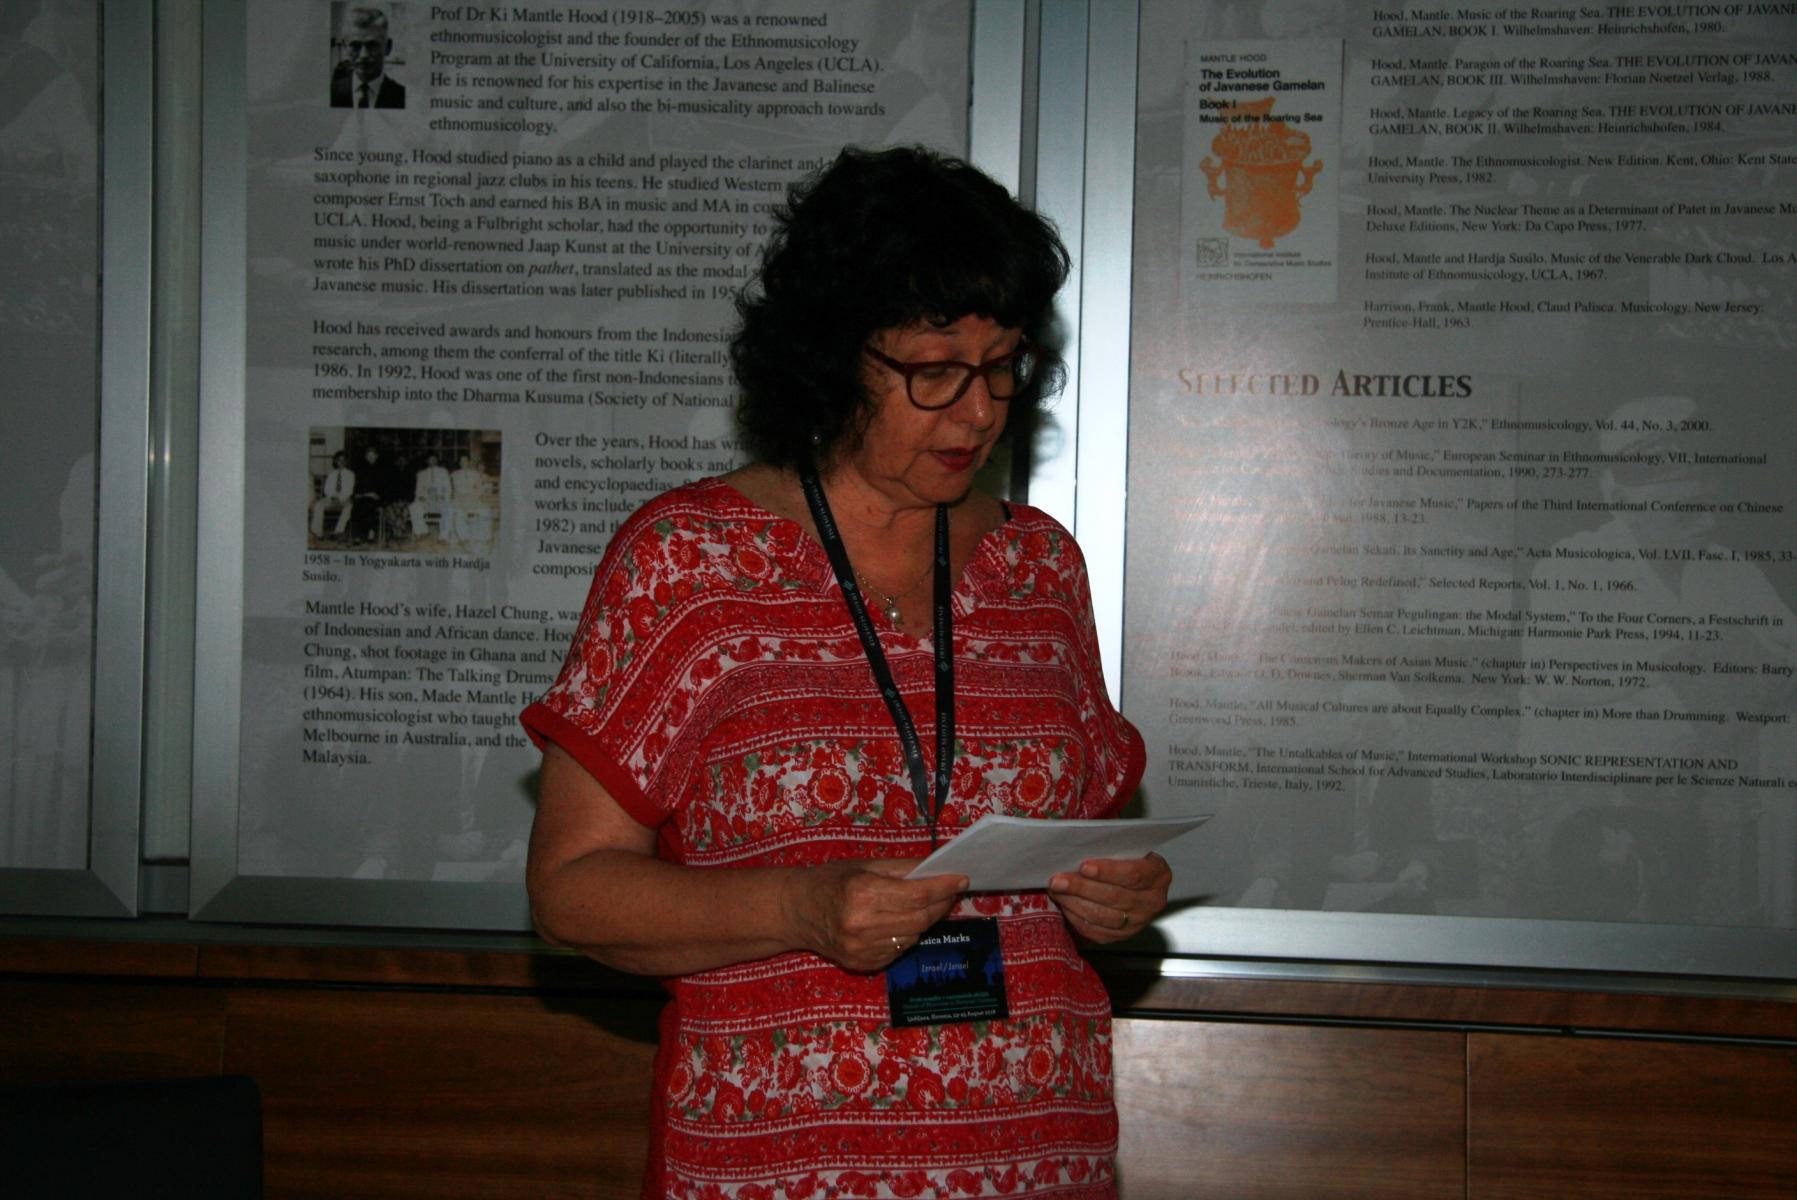 Dr. Essica Marks, nacionalna predstavnica Izraela pri Mednarodnem združenju za tradicijsko glasbo (ICTM). Presedujoča sekcije Od starih do novih okolij. Foto: Urša Šivic.